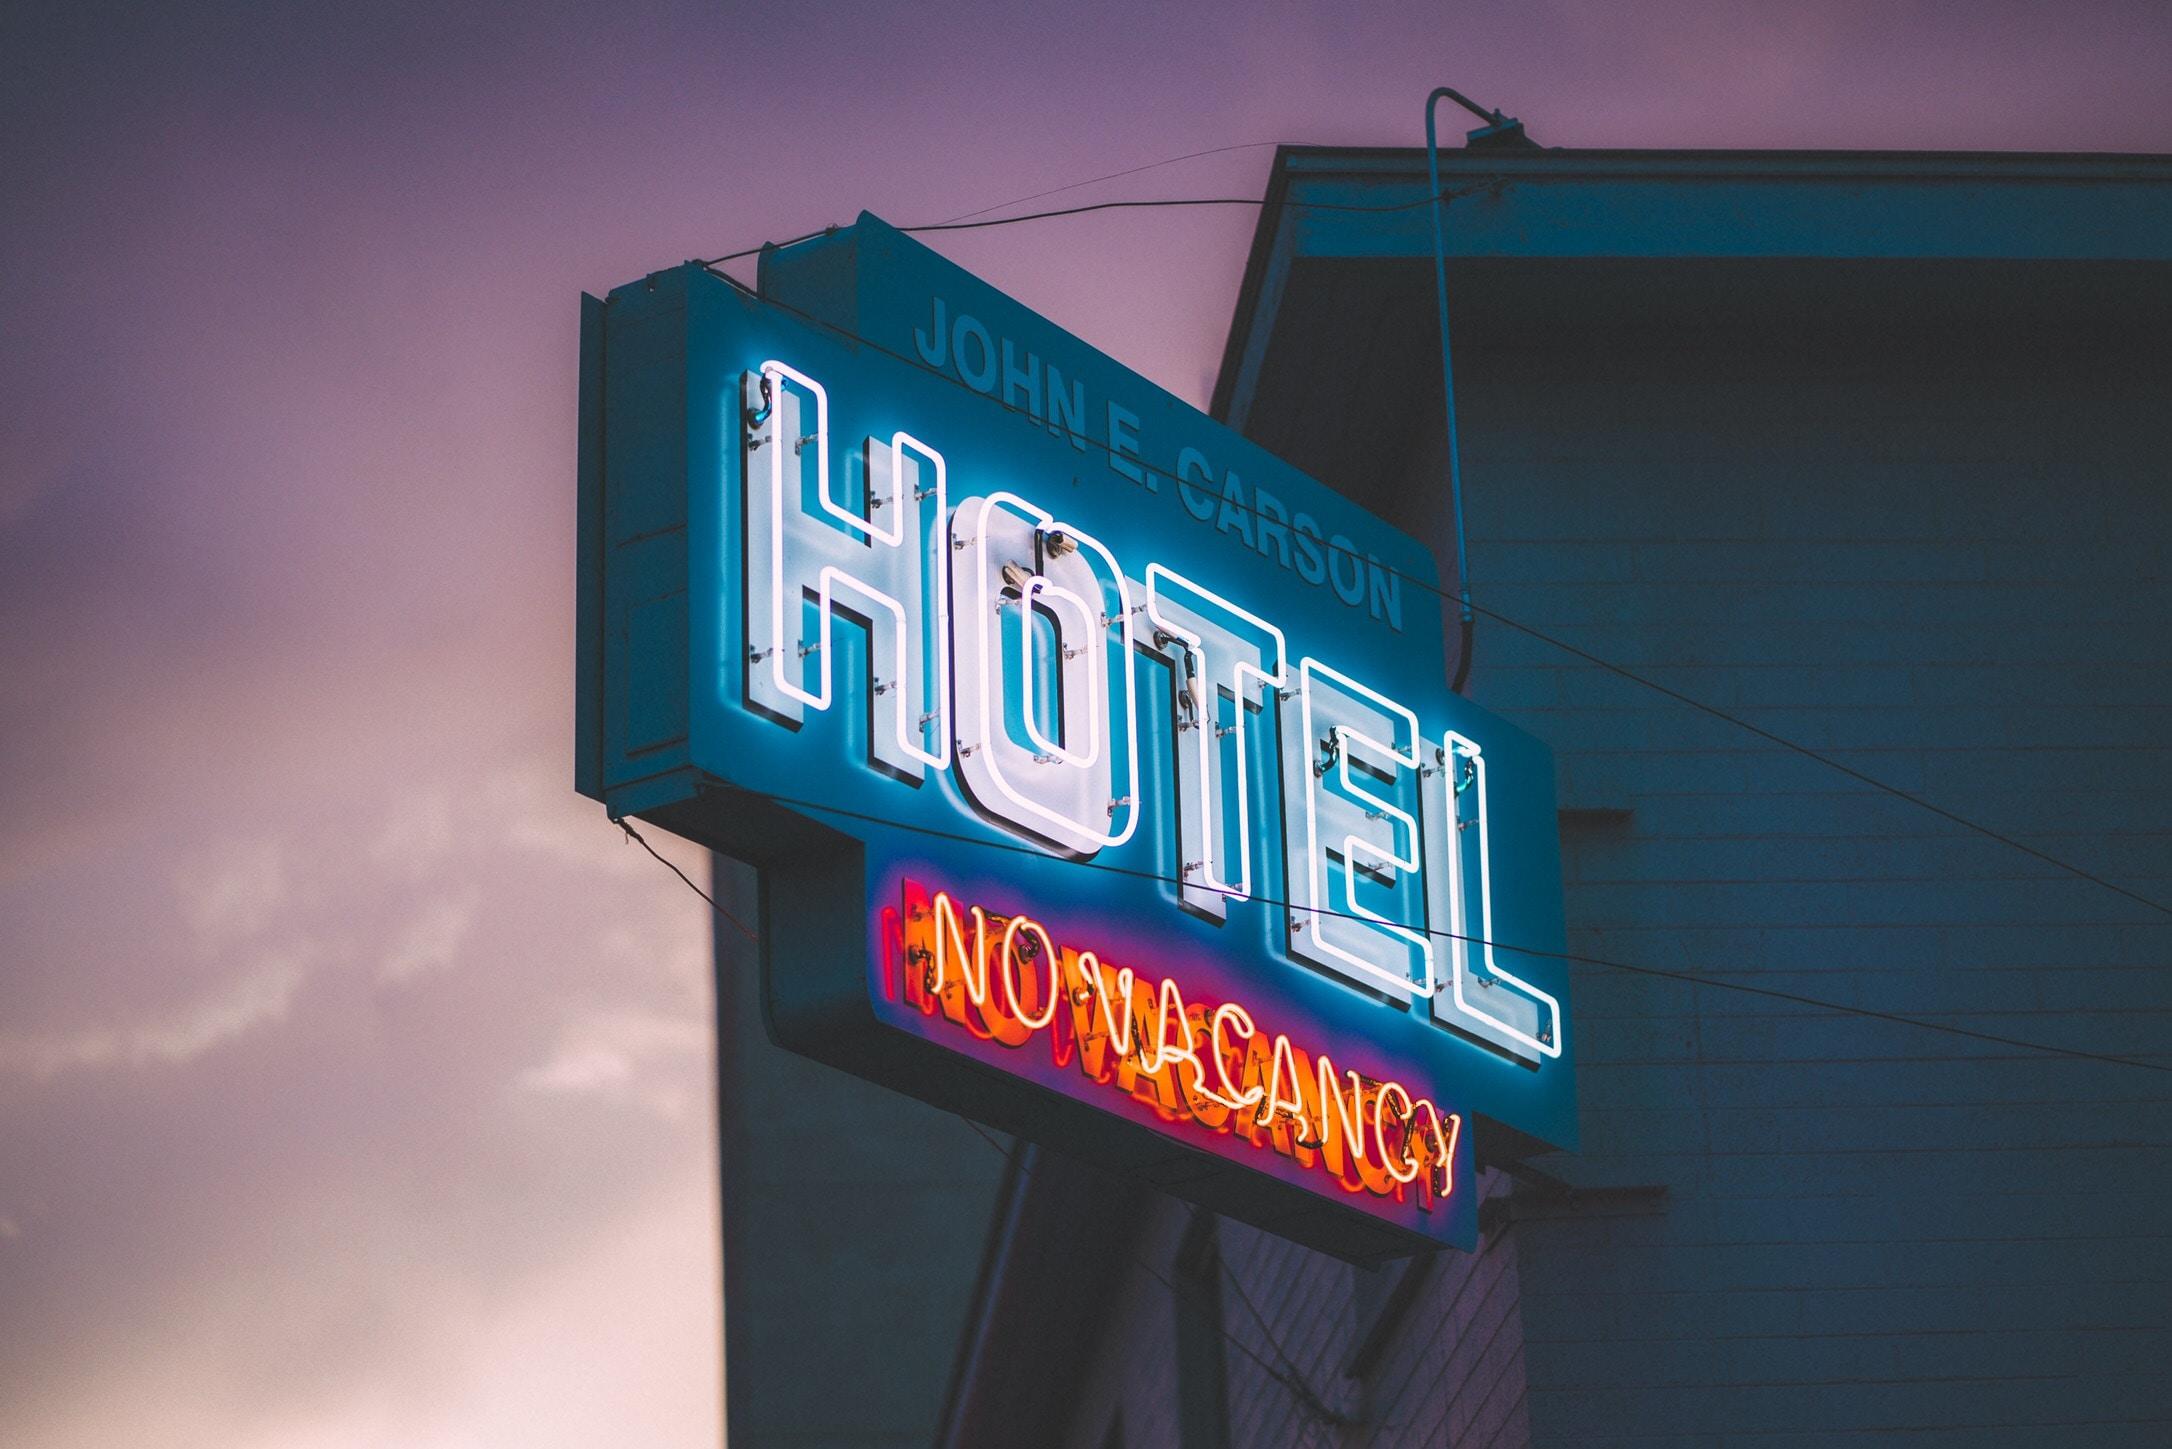 John E. Carson Hotel photo by KEEM IBARRA (@keemibarra) on ...